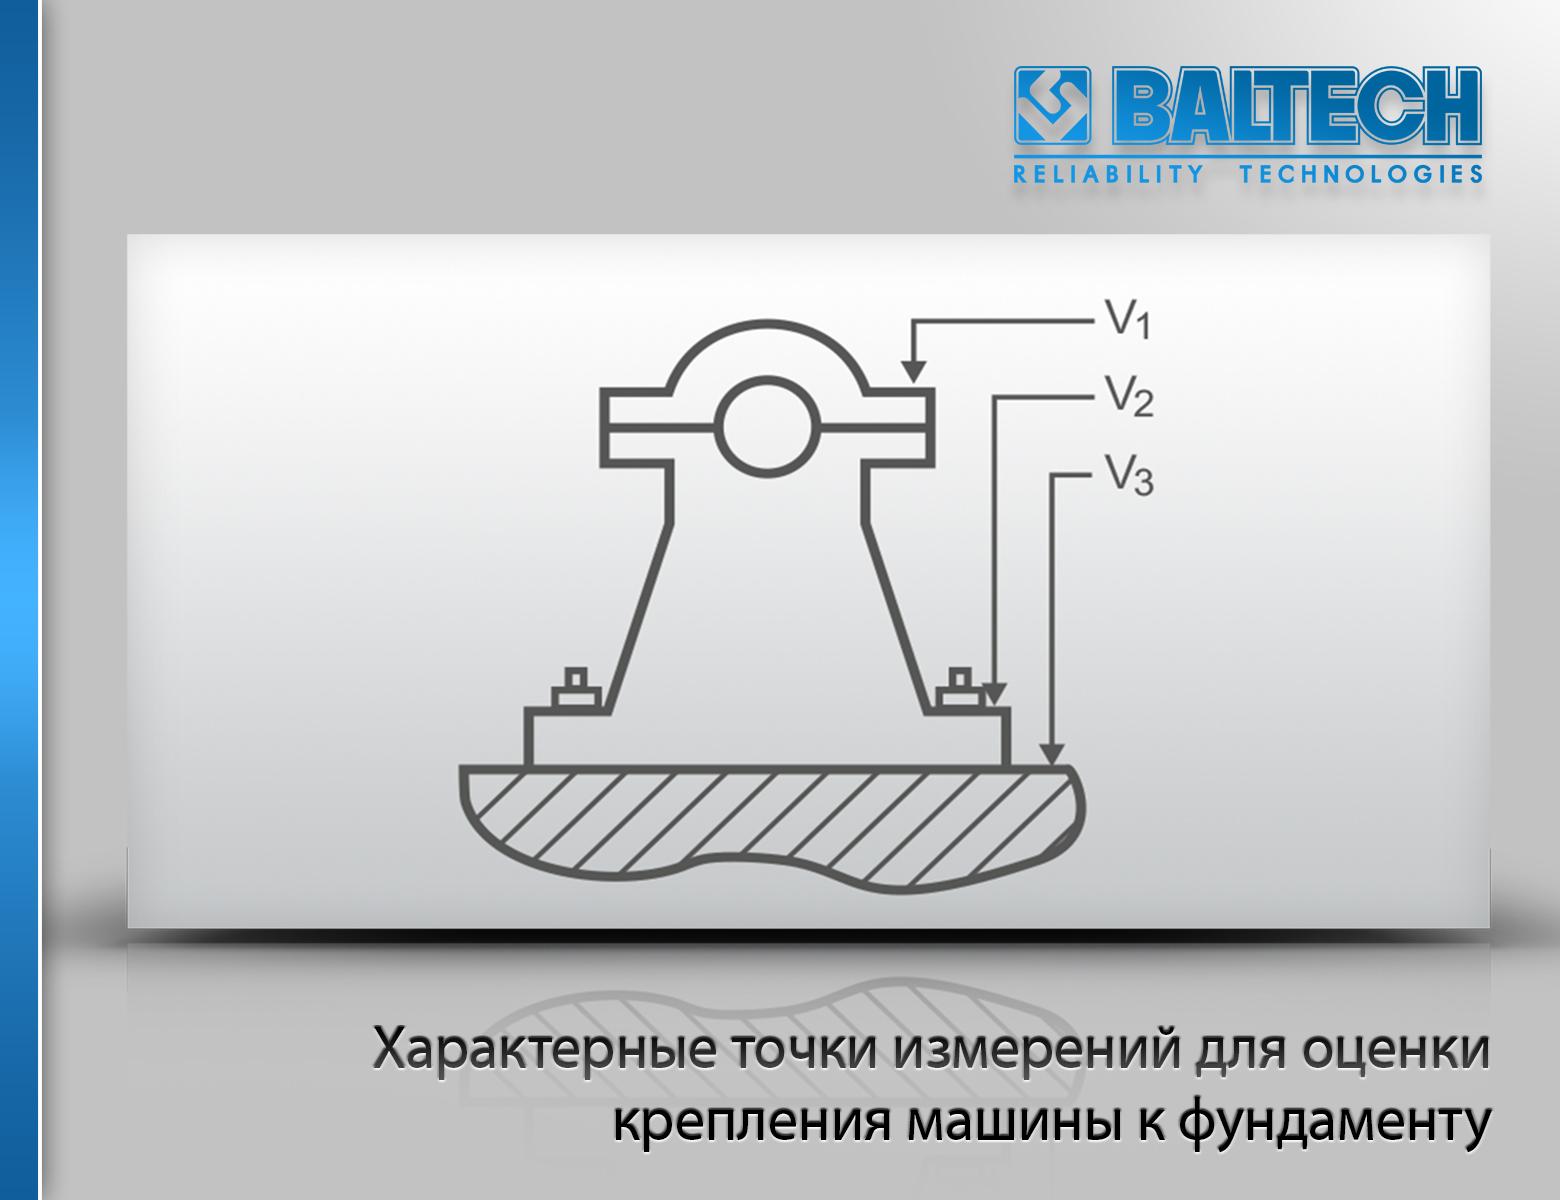 Характерные точки измерений вибрации для оценки крепления машины к фундаменту